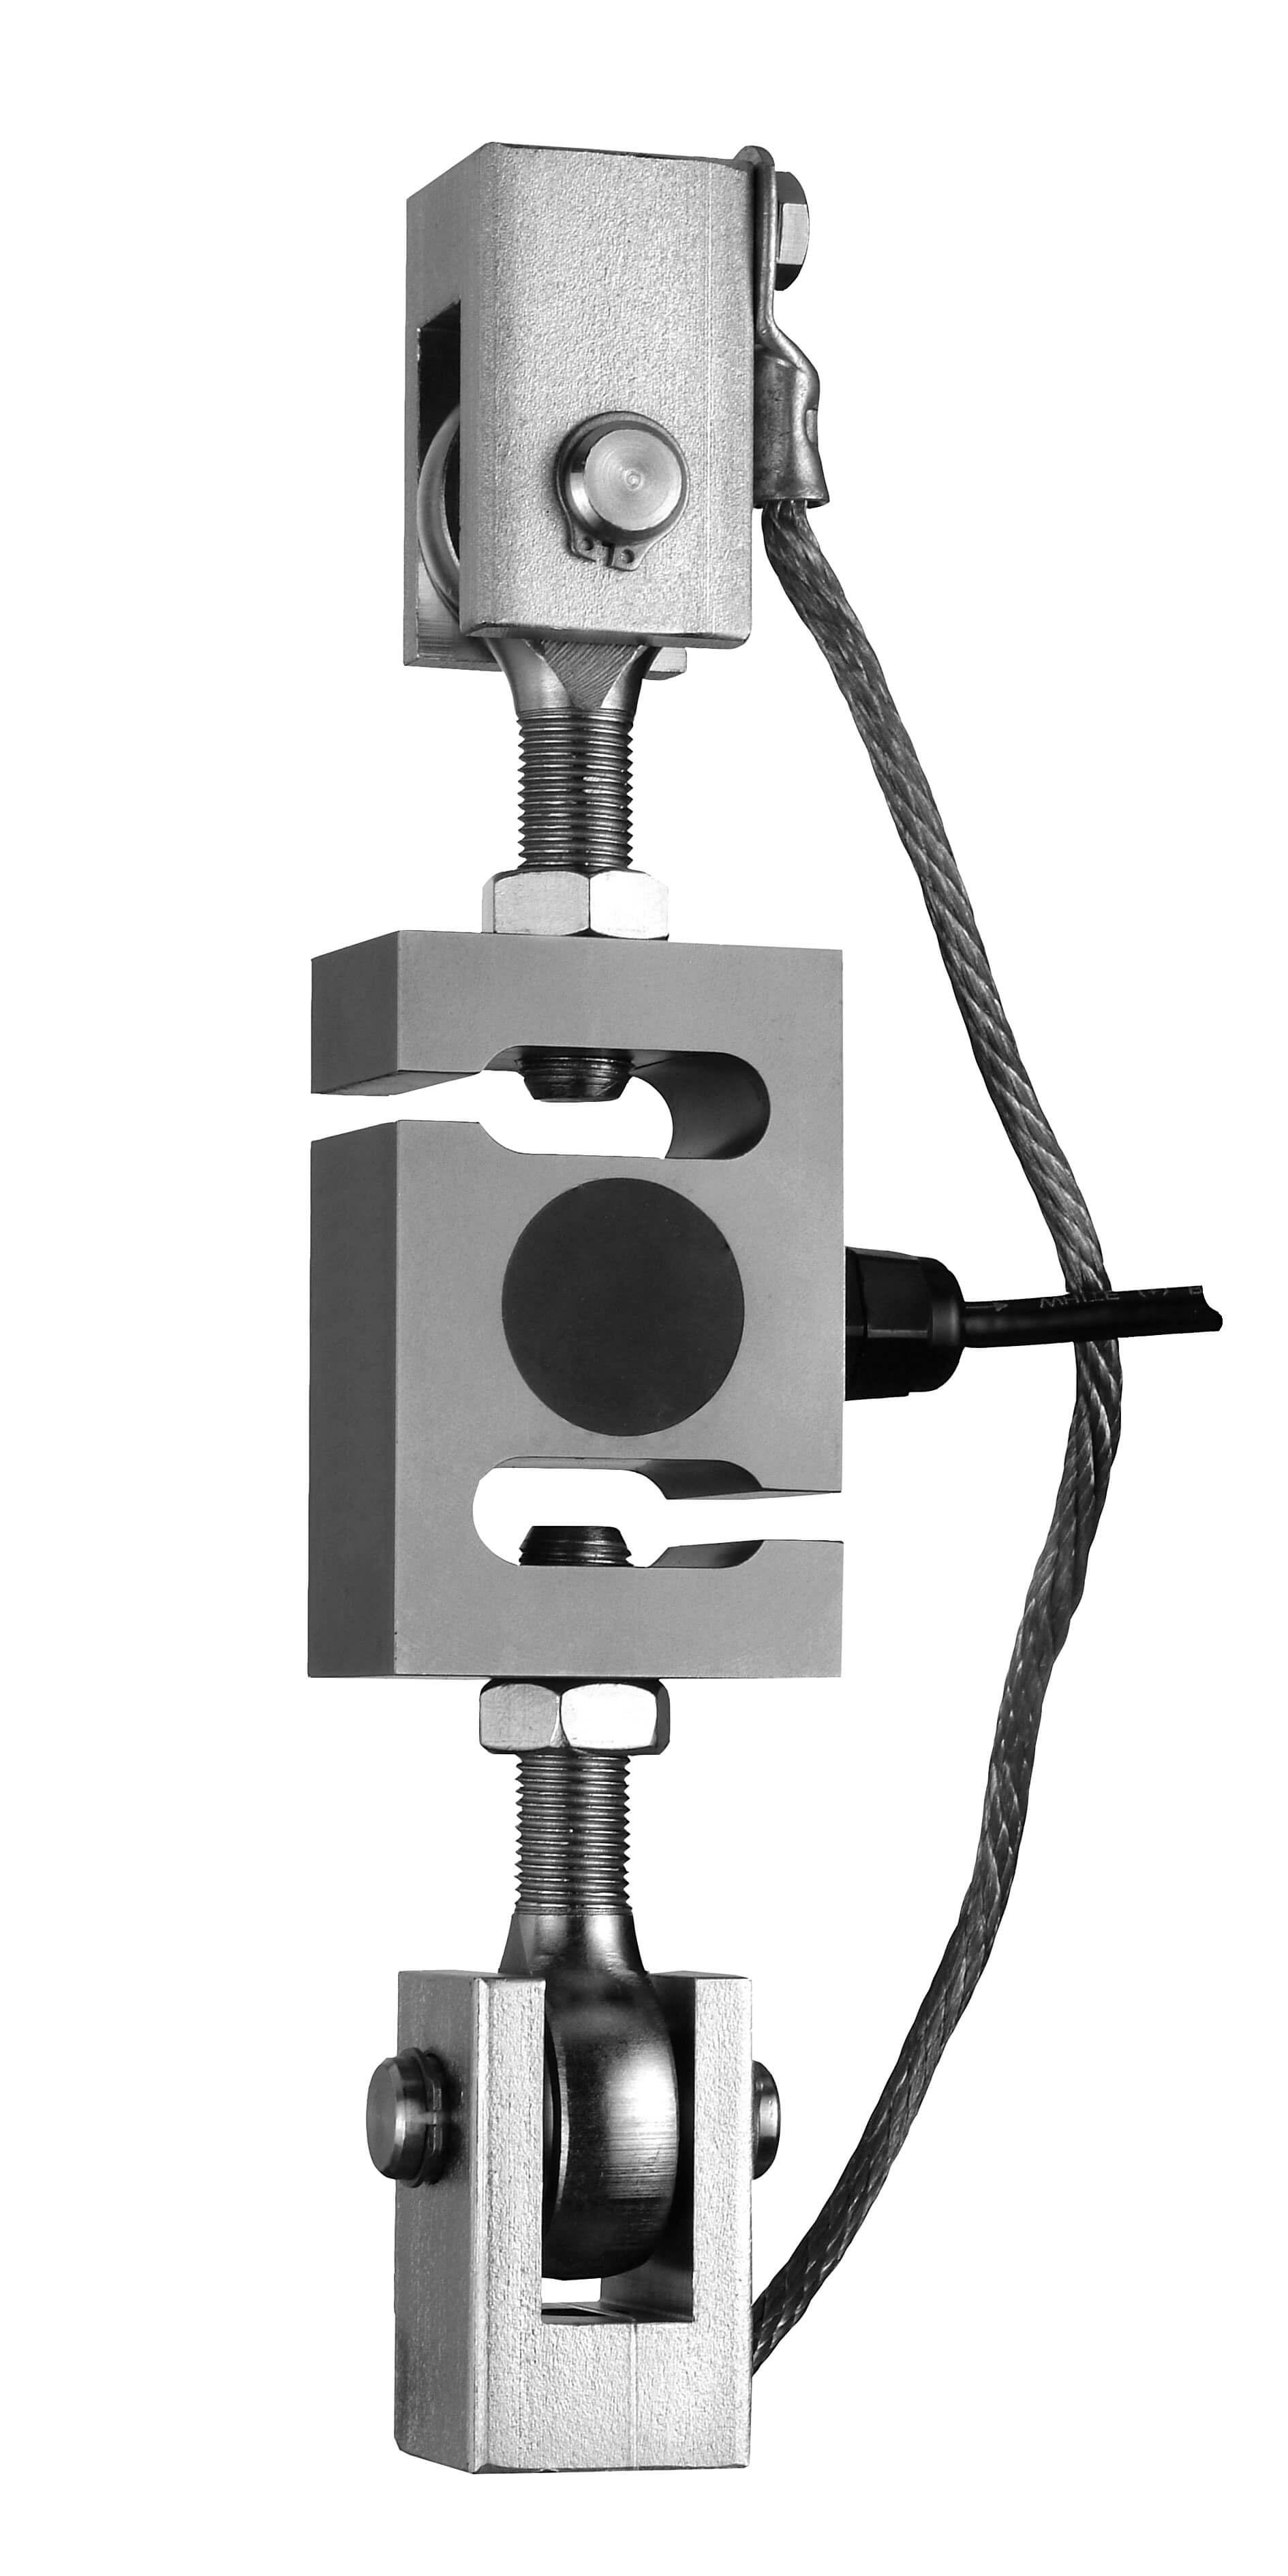 53-04 montagedeel (geschikt voor UB1, UB6 en ULB) Image